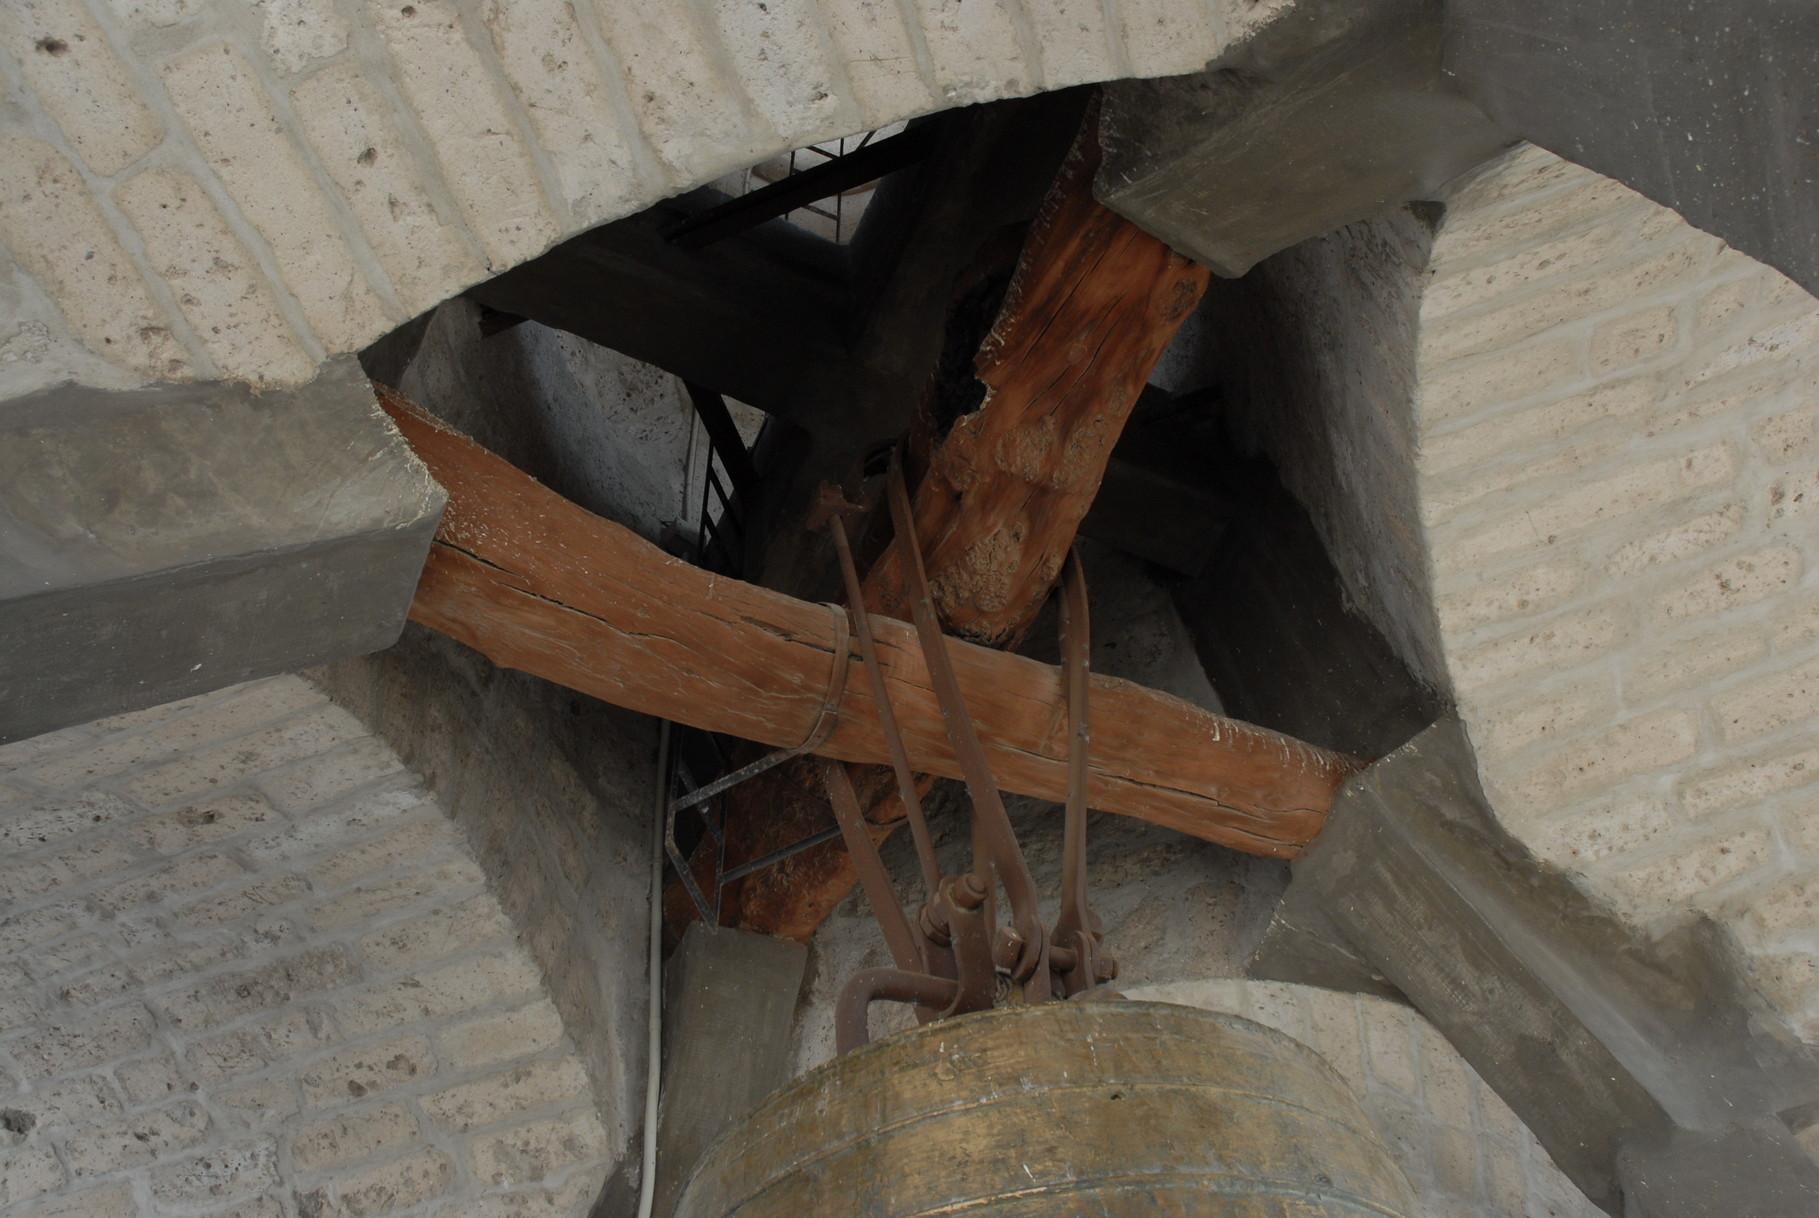 Und die dicke Berta mit 5 Tonnen hängt an drei kleineren Baumstämmen